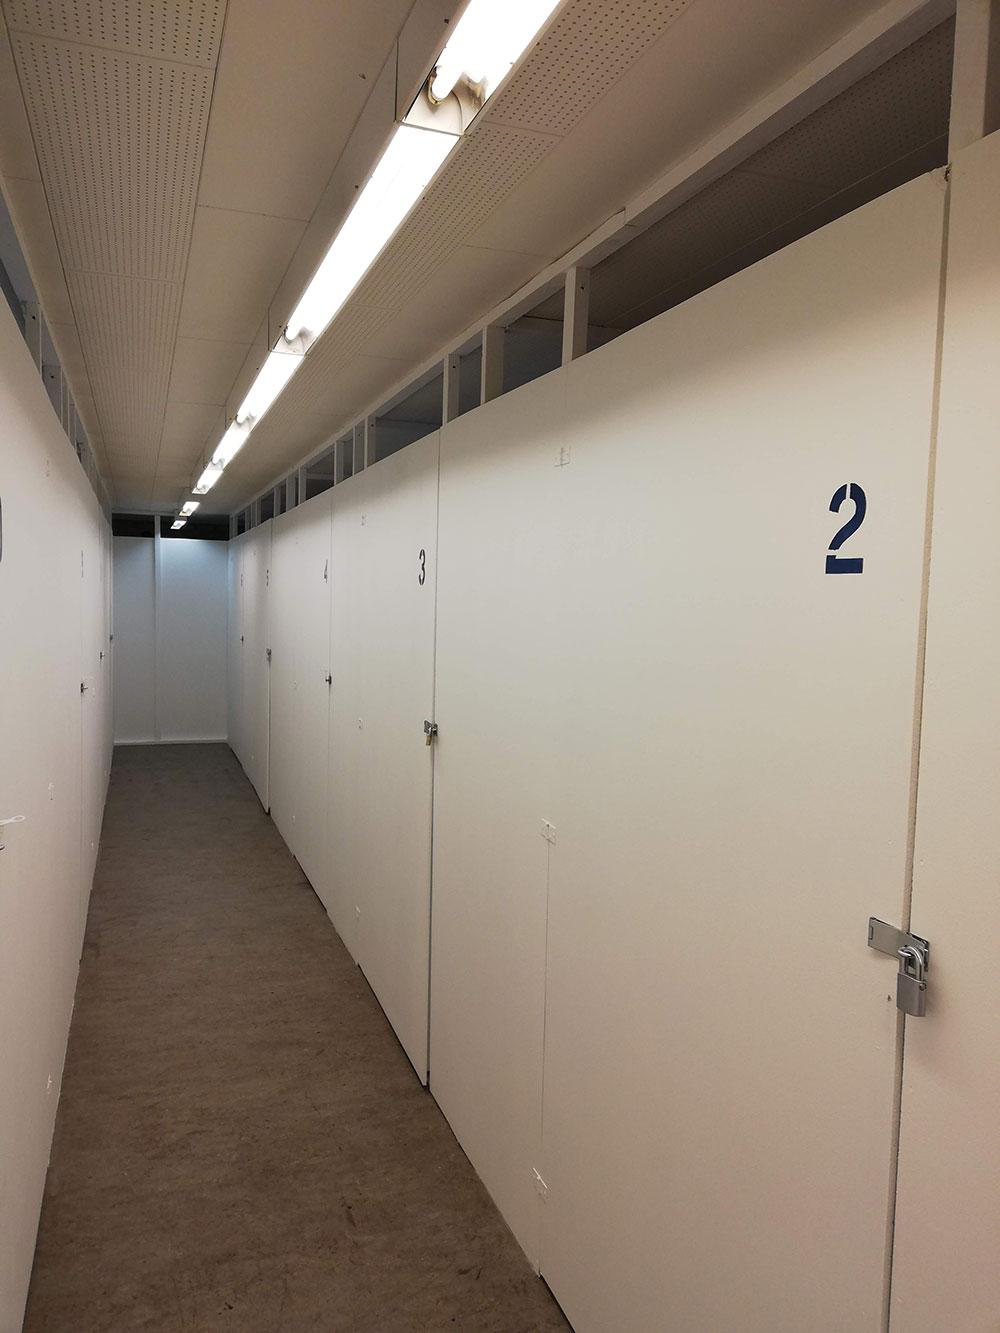 Picture of: Pladsmangel Silkeborg Box To Box Tilbyder Nem Opbevaring